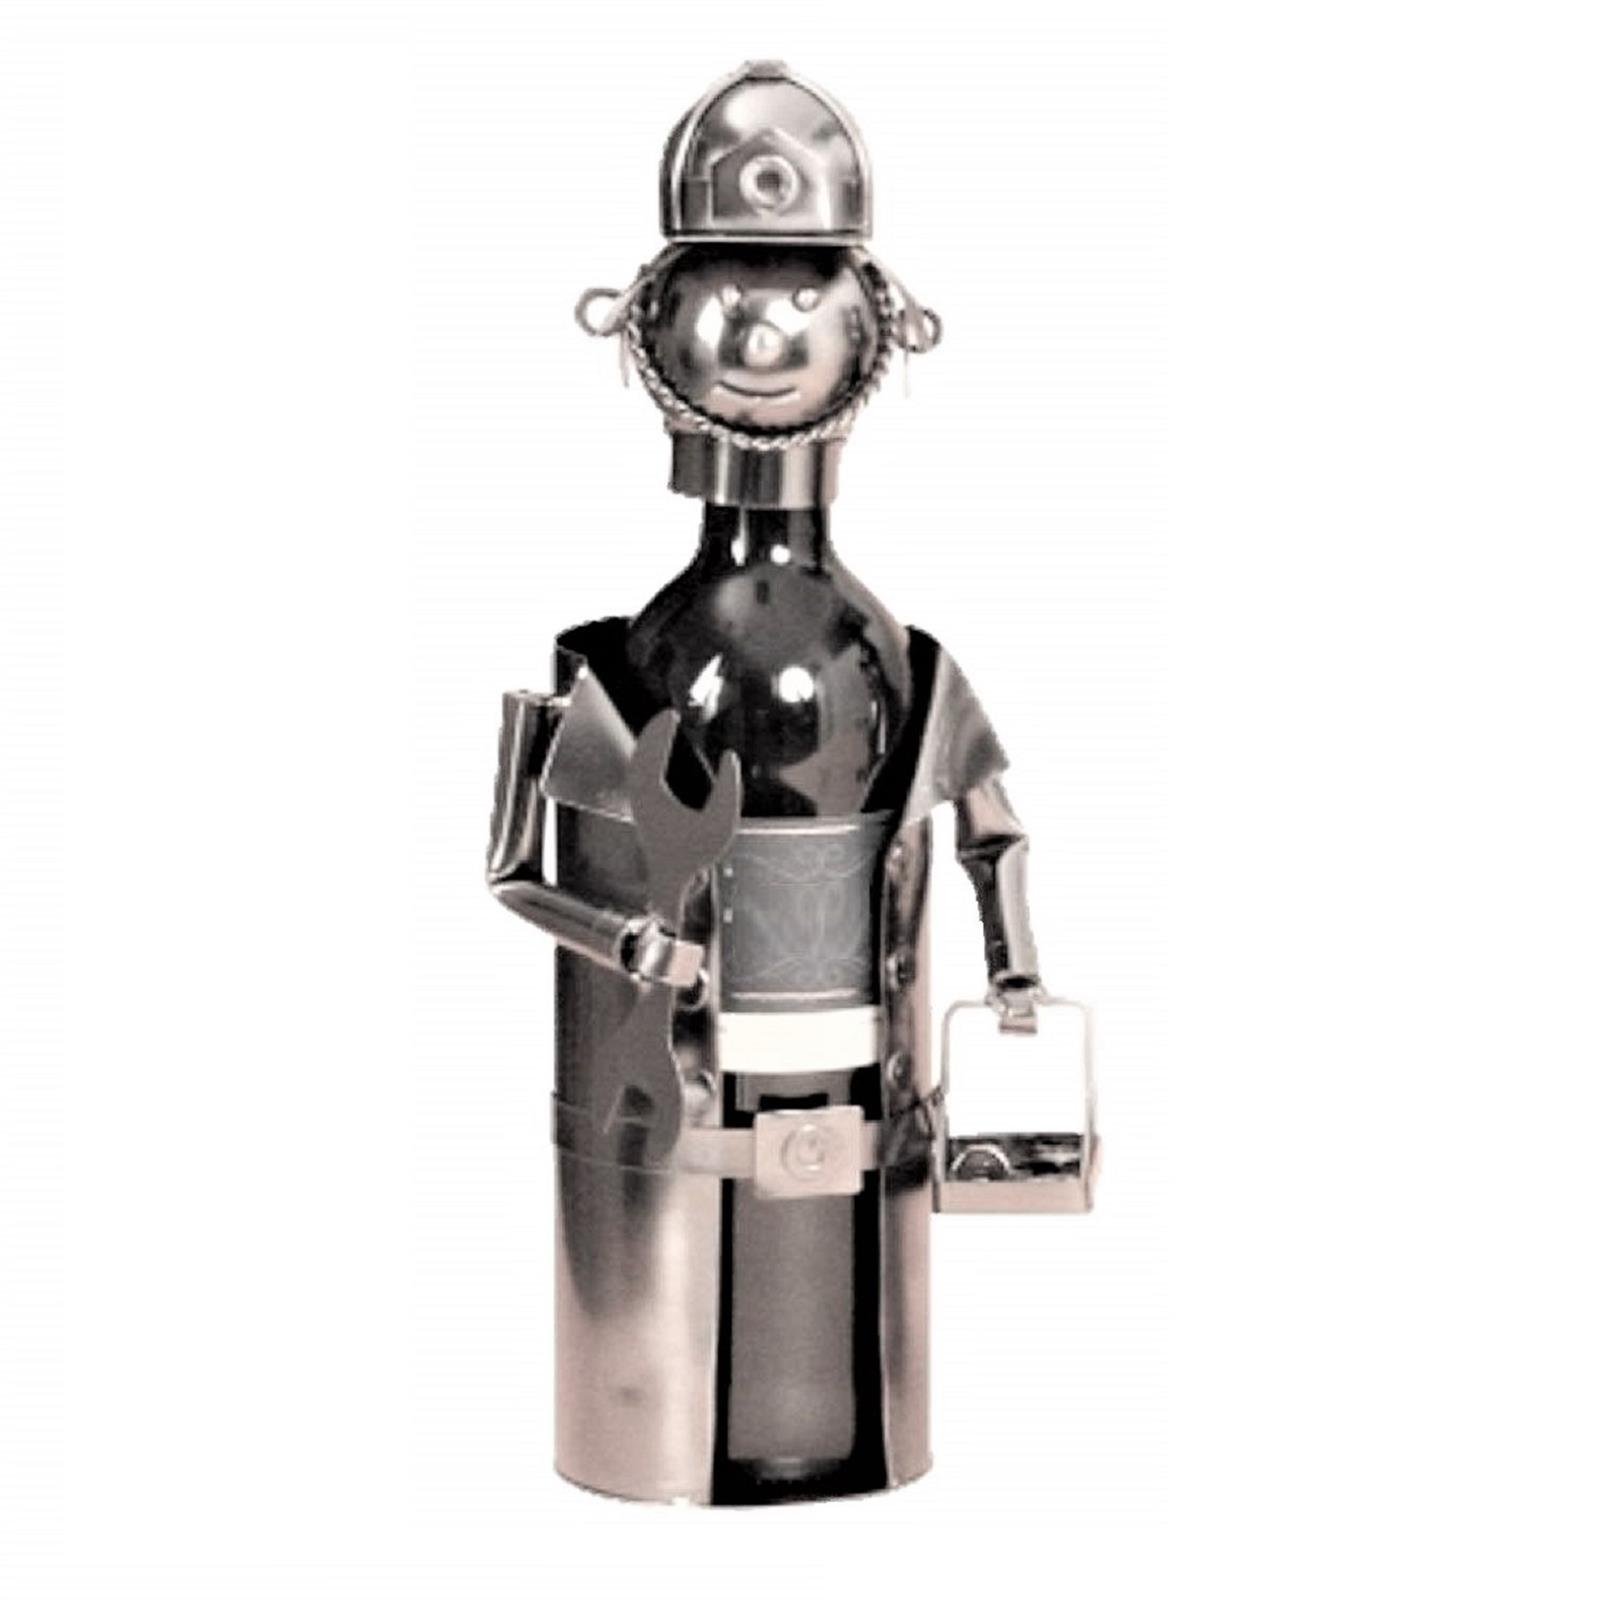 Metall Flaschenhalter Arbeiter